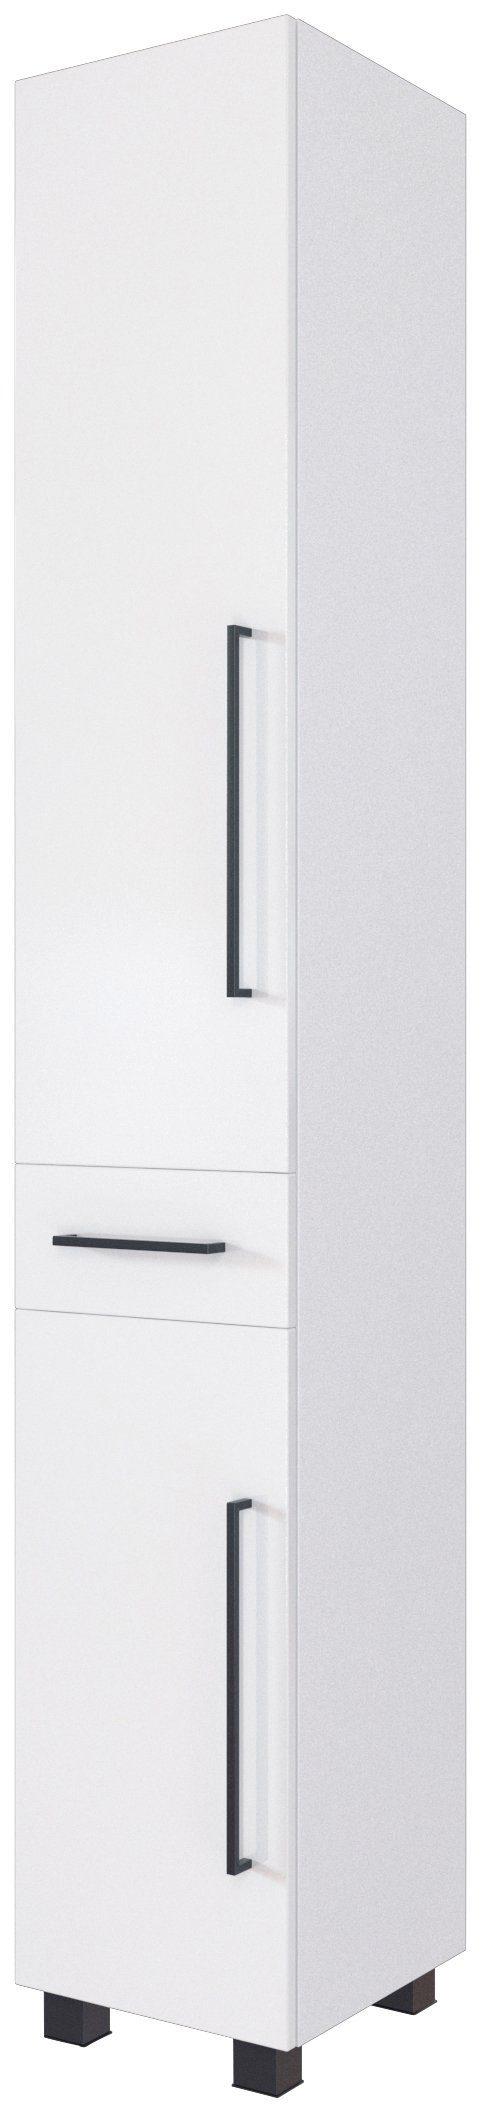 HELD MÖBEL Seitenschrank »Luzern«, BxH: 30x180 cm